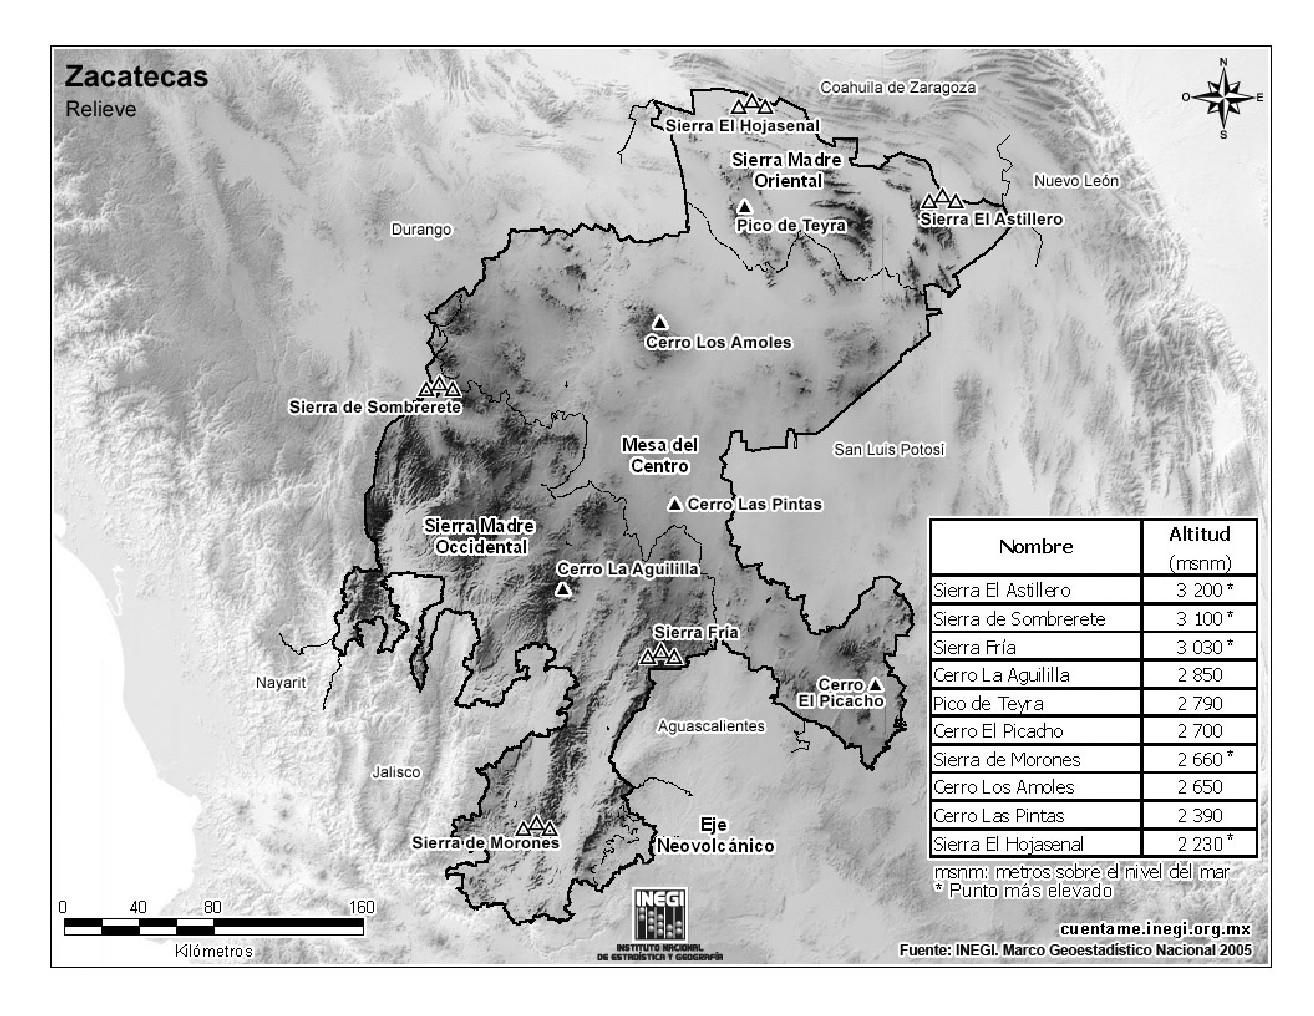 Mapa de montañas de Zacatecas. INEGI de México